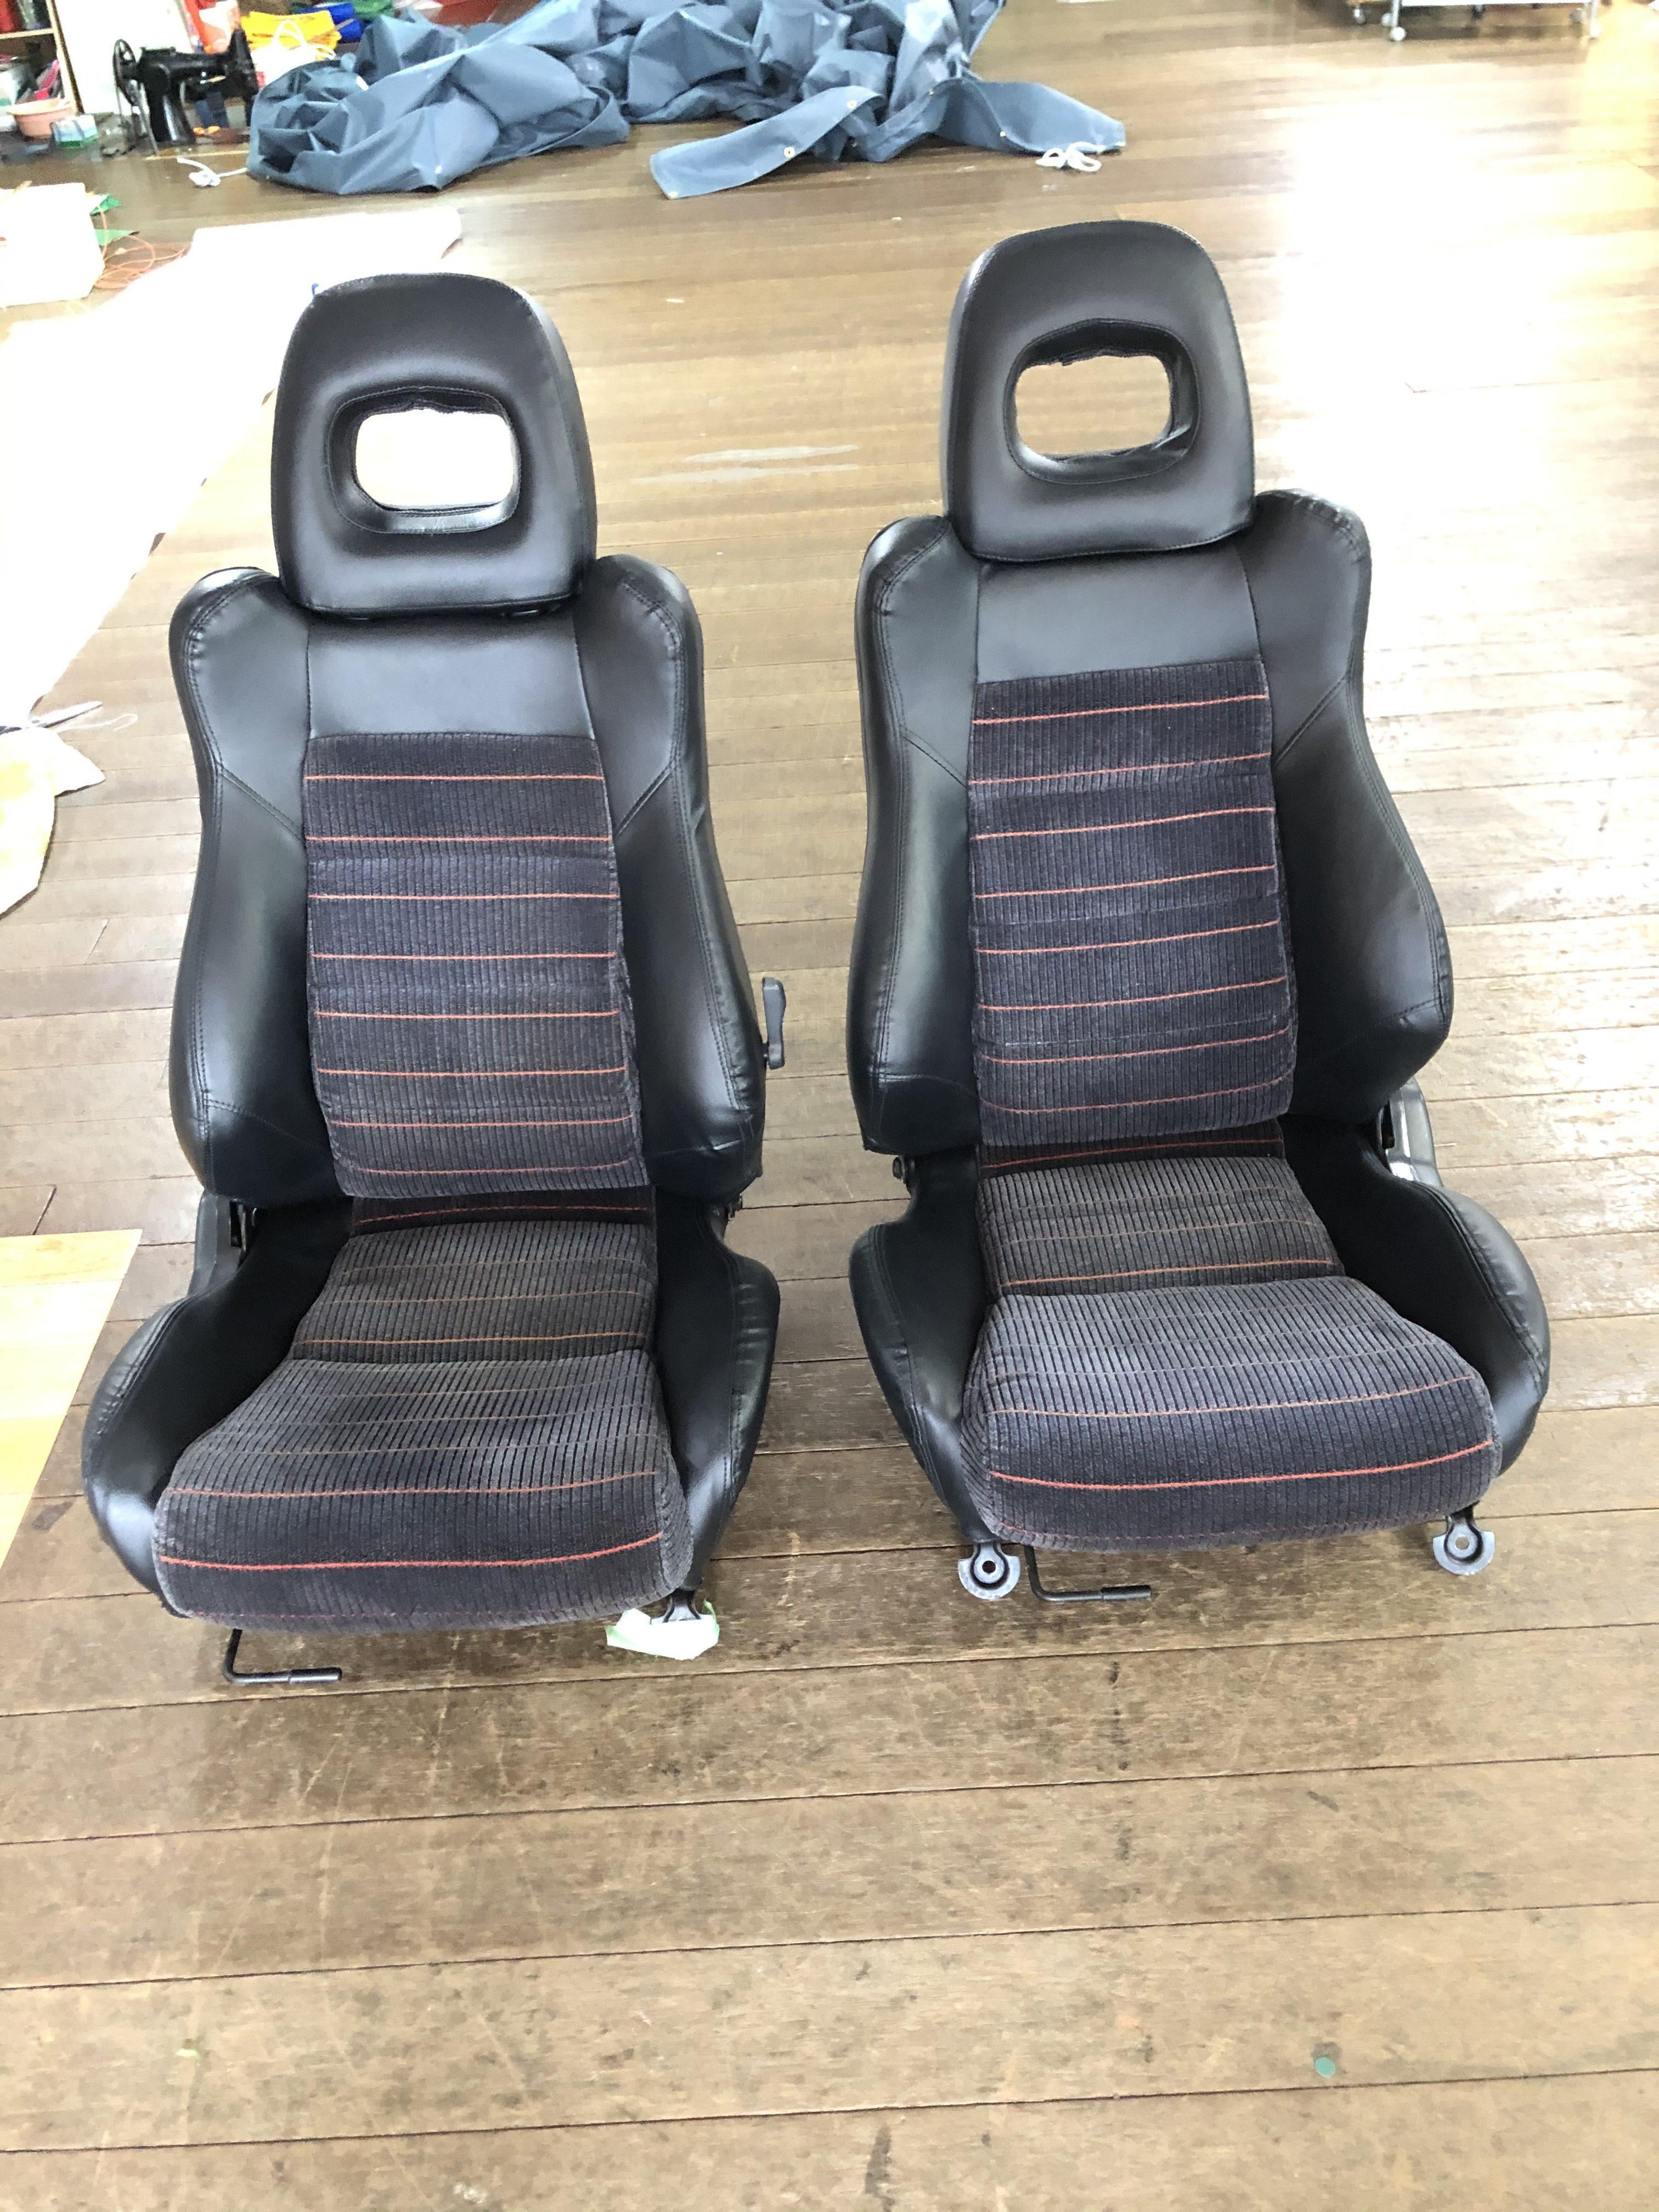 ホンダ CR-X 純正座席シートを張替させていただきました。